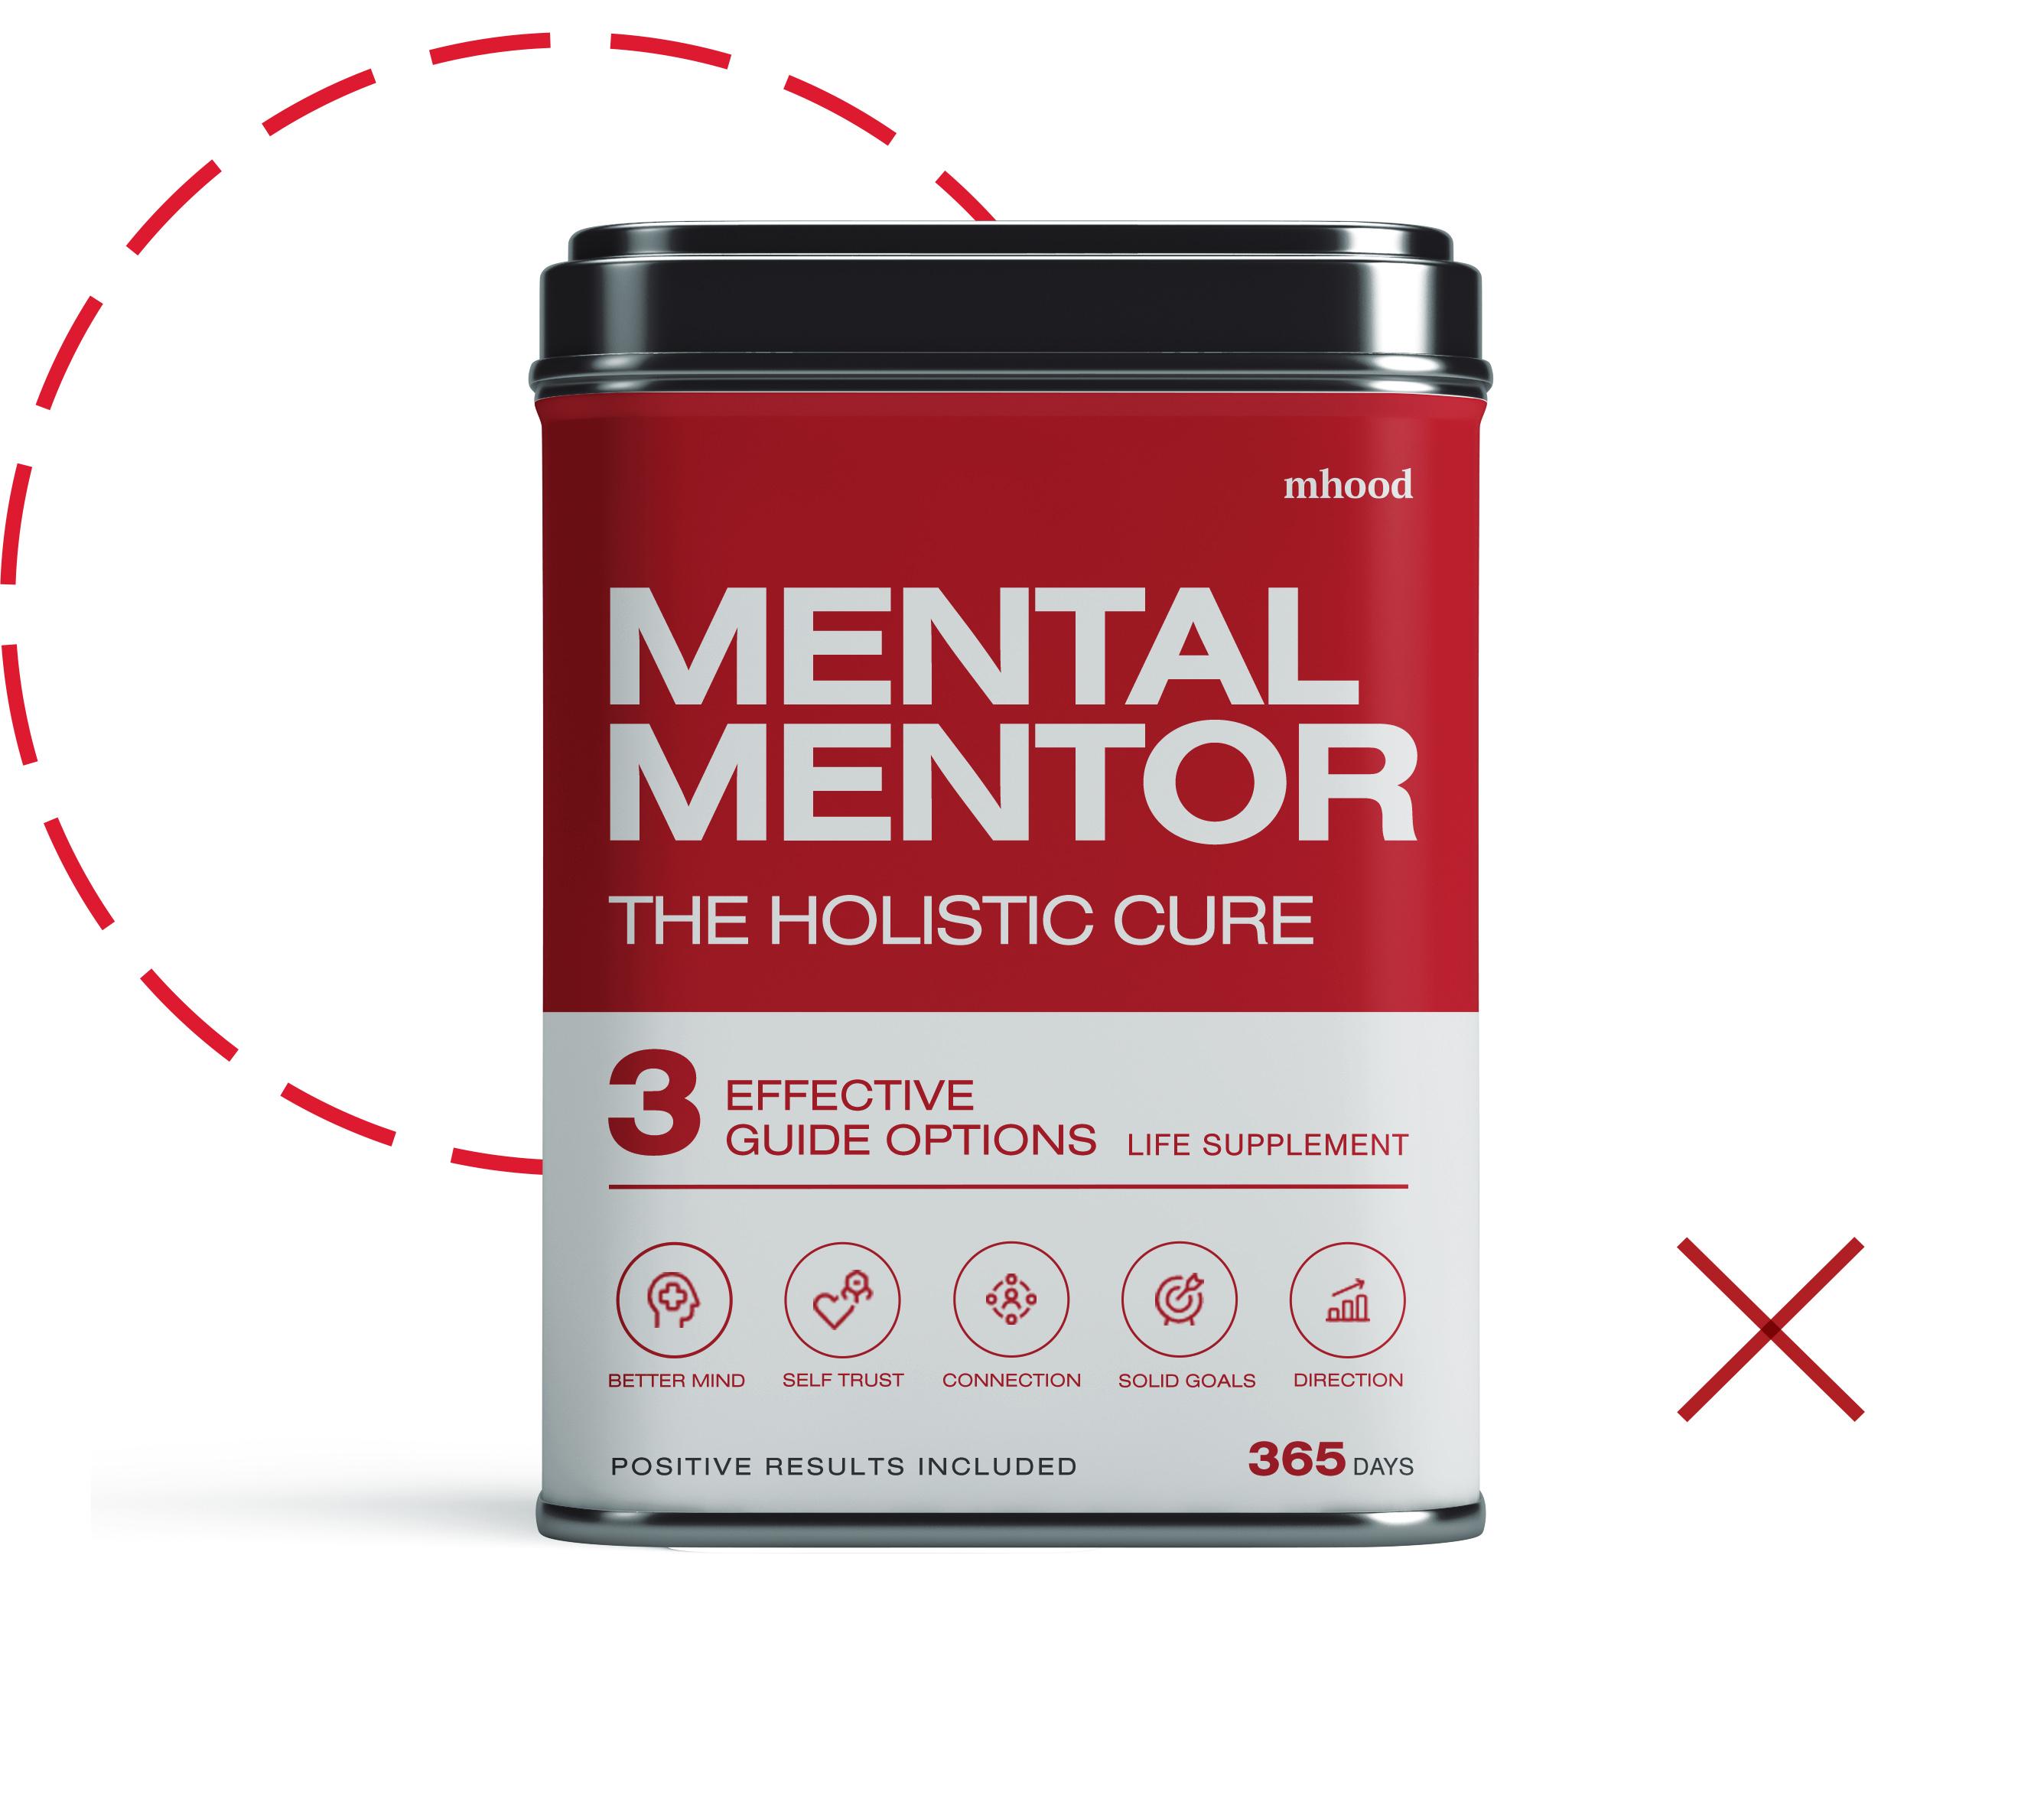 Mhood Mental Mentors holistic medicine can graphic